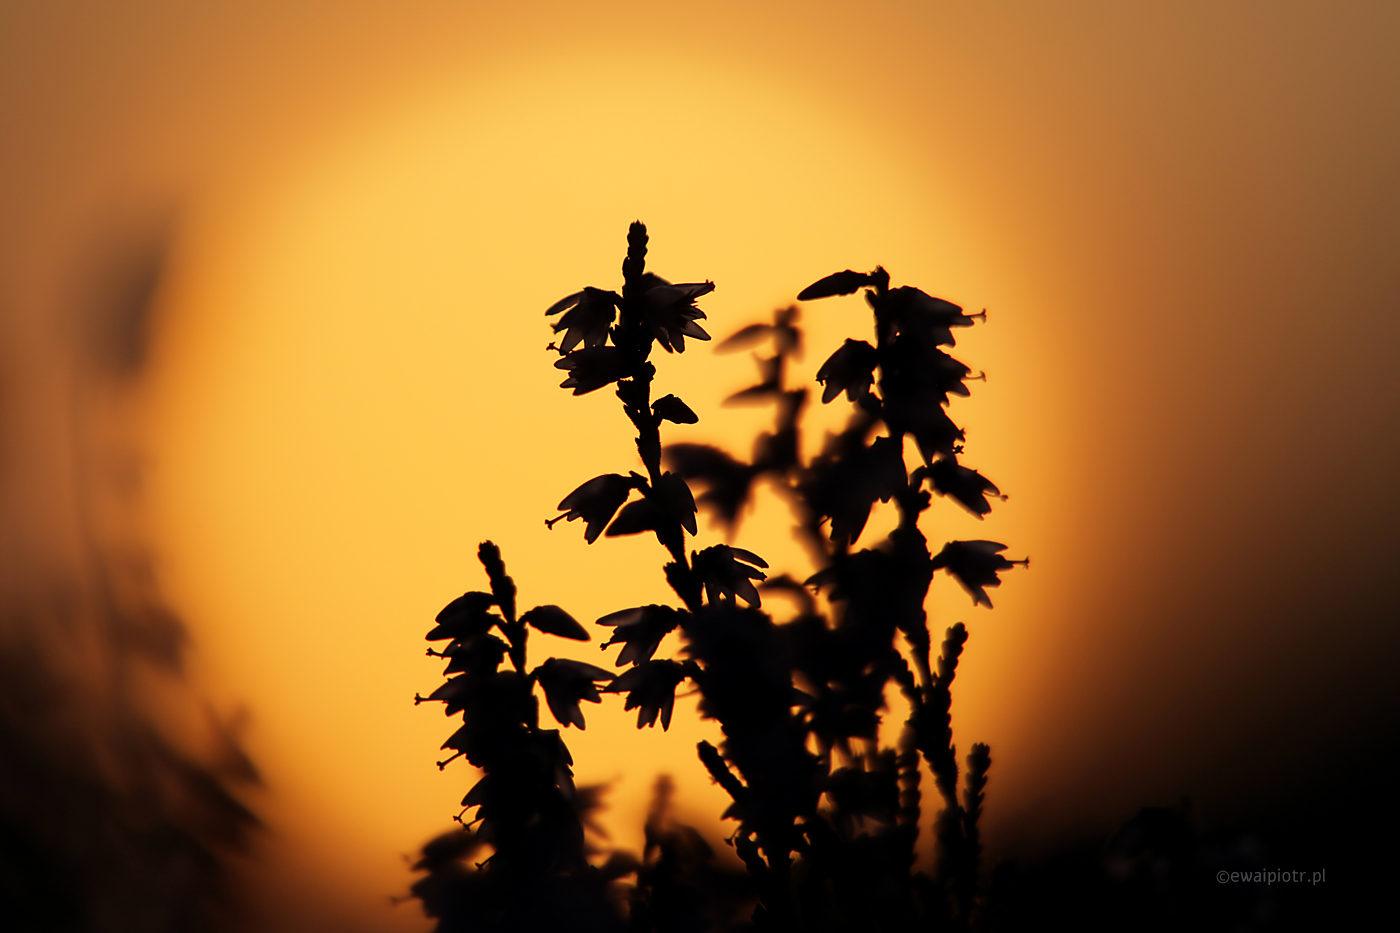 Wrzosy i słońce, Wrzosowa Kraina, warsztaty fotograficzne makrofotografia